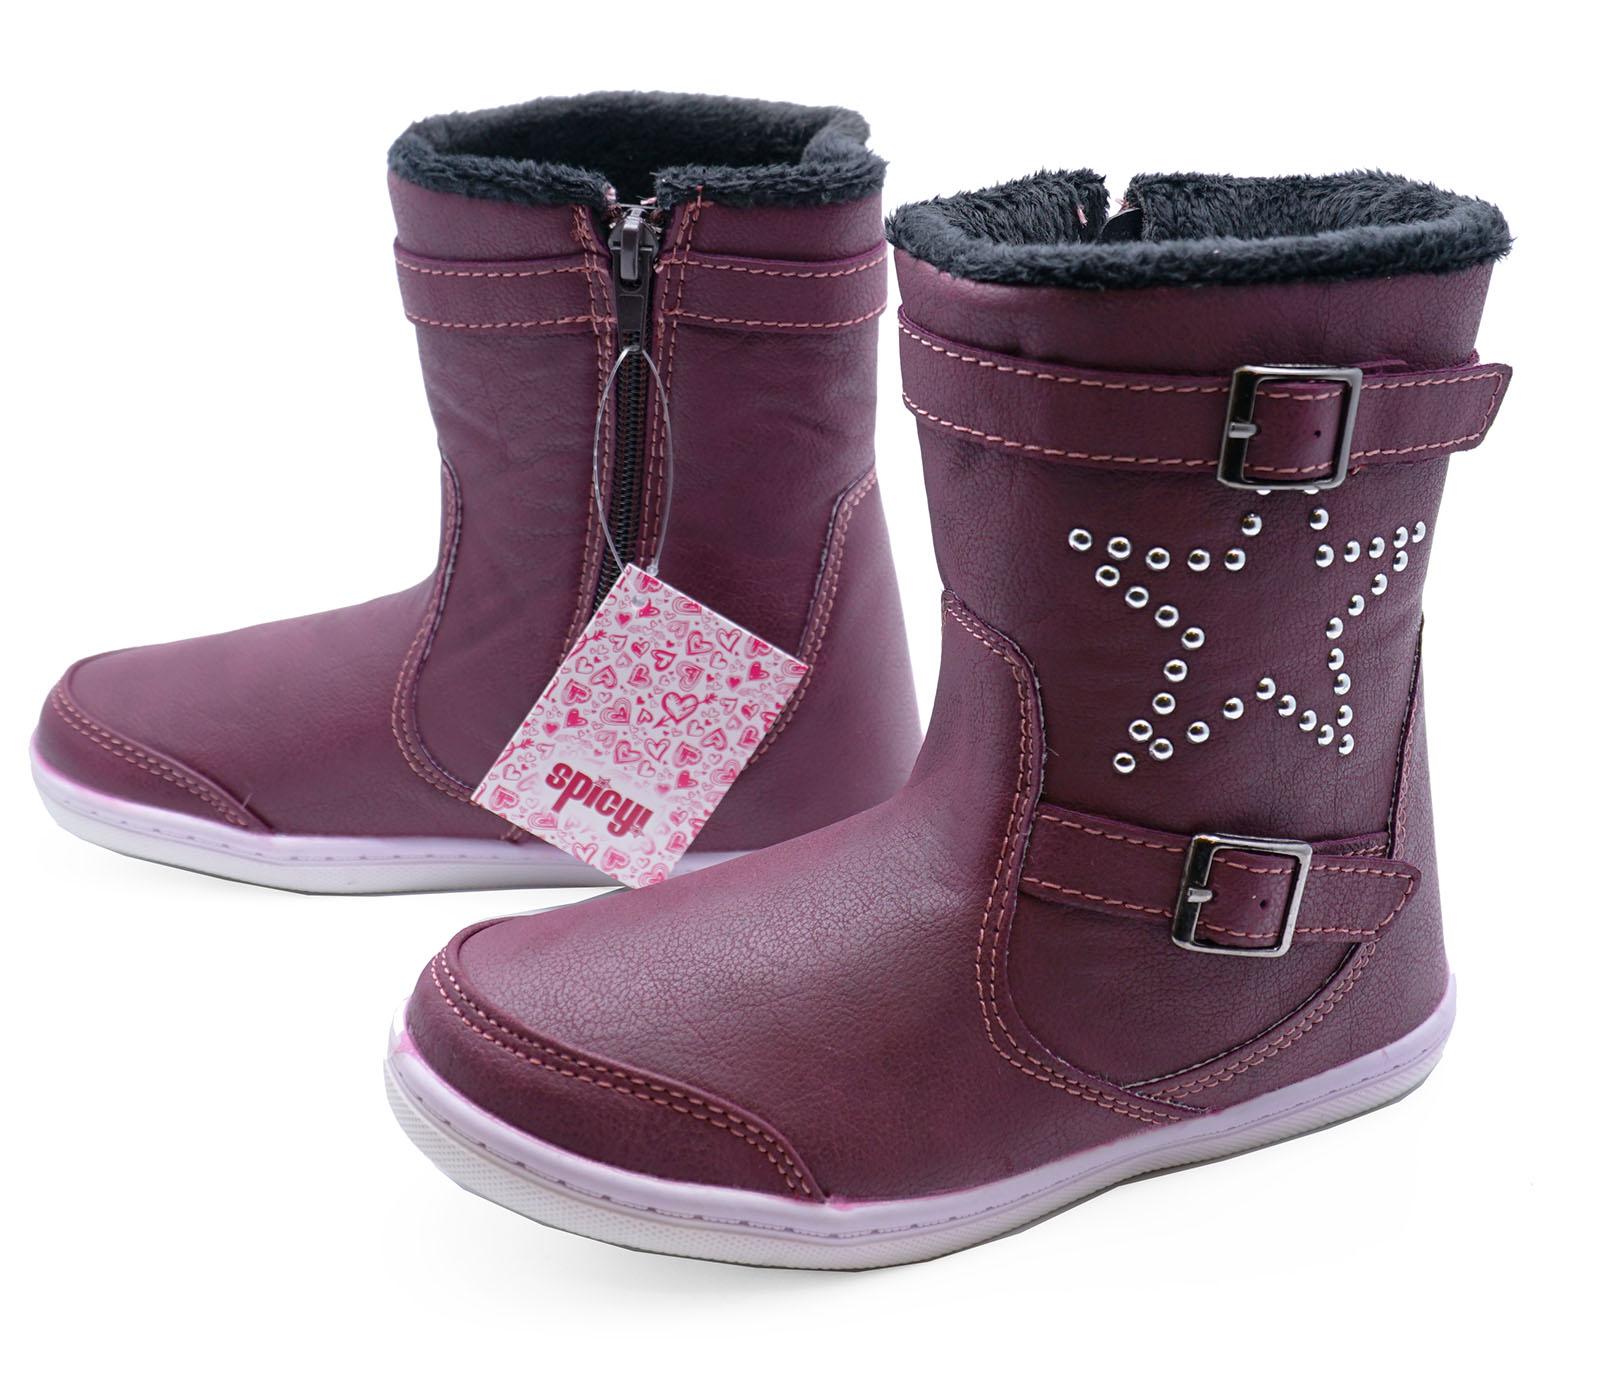 Chaussures Lila D'hiver Pour Les Enfants oySuAaQRc